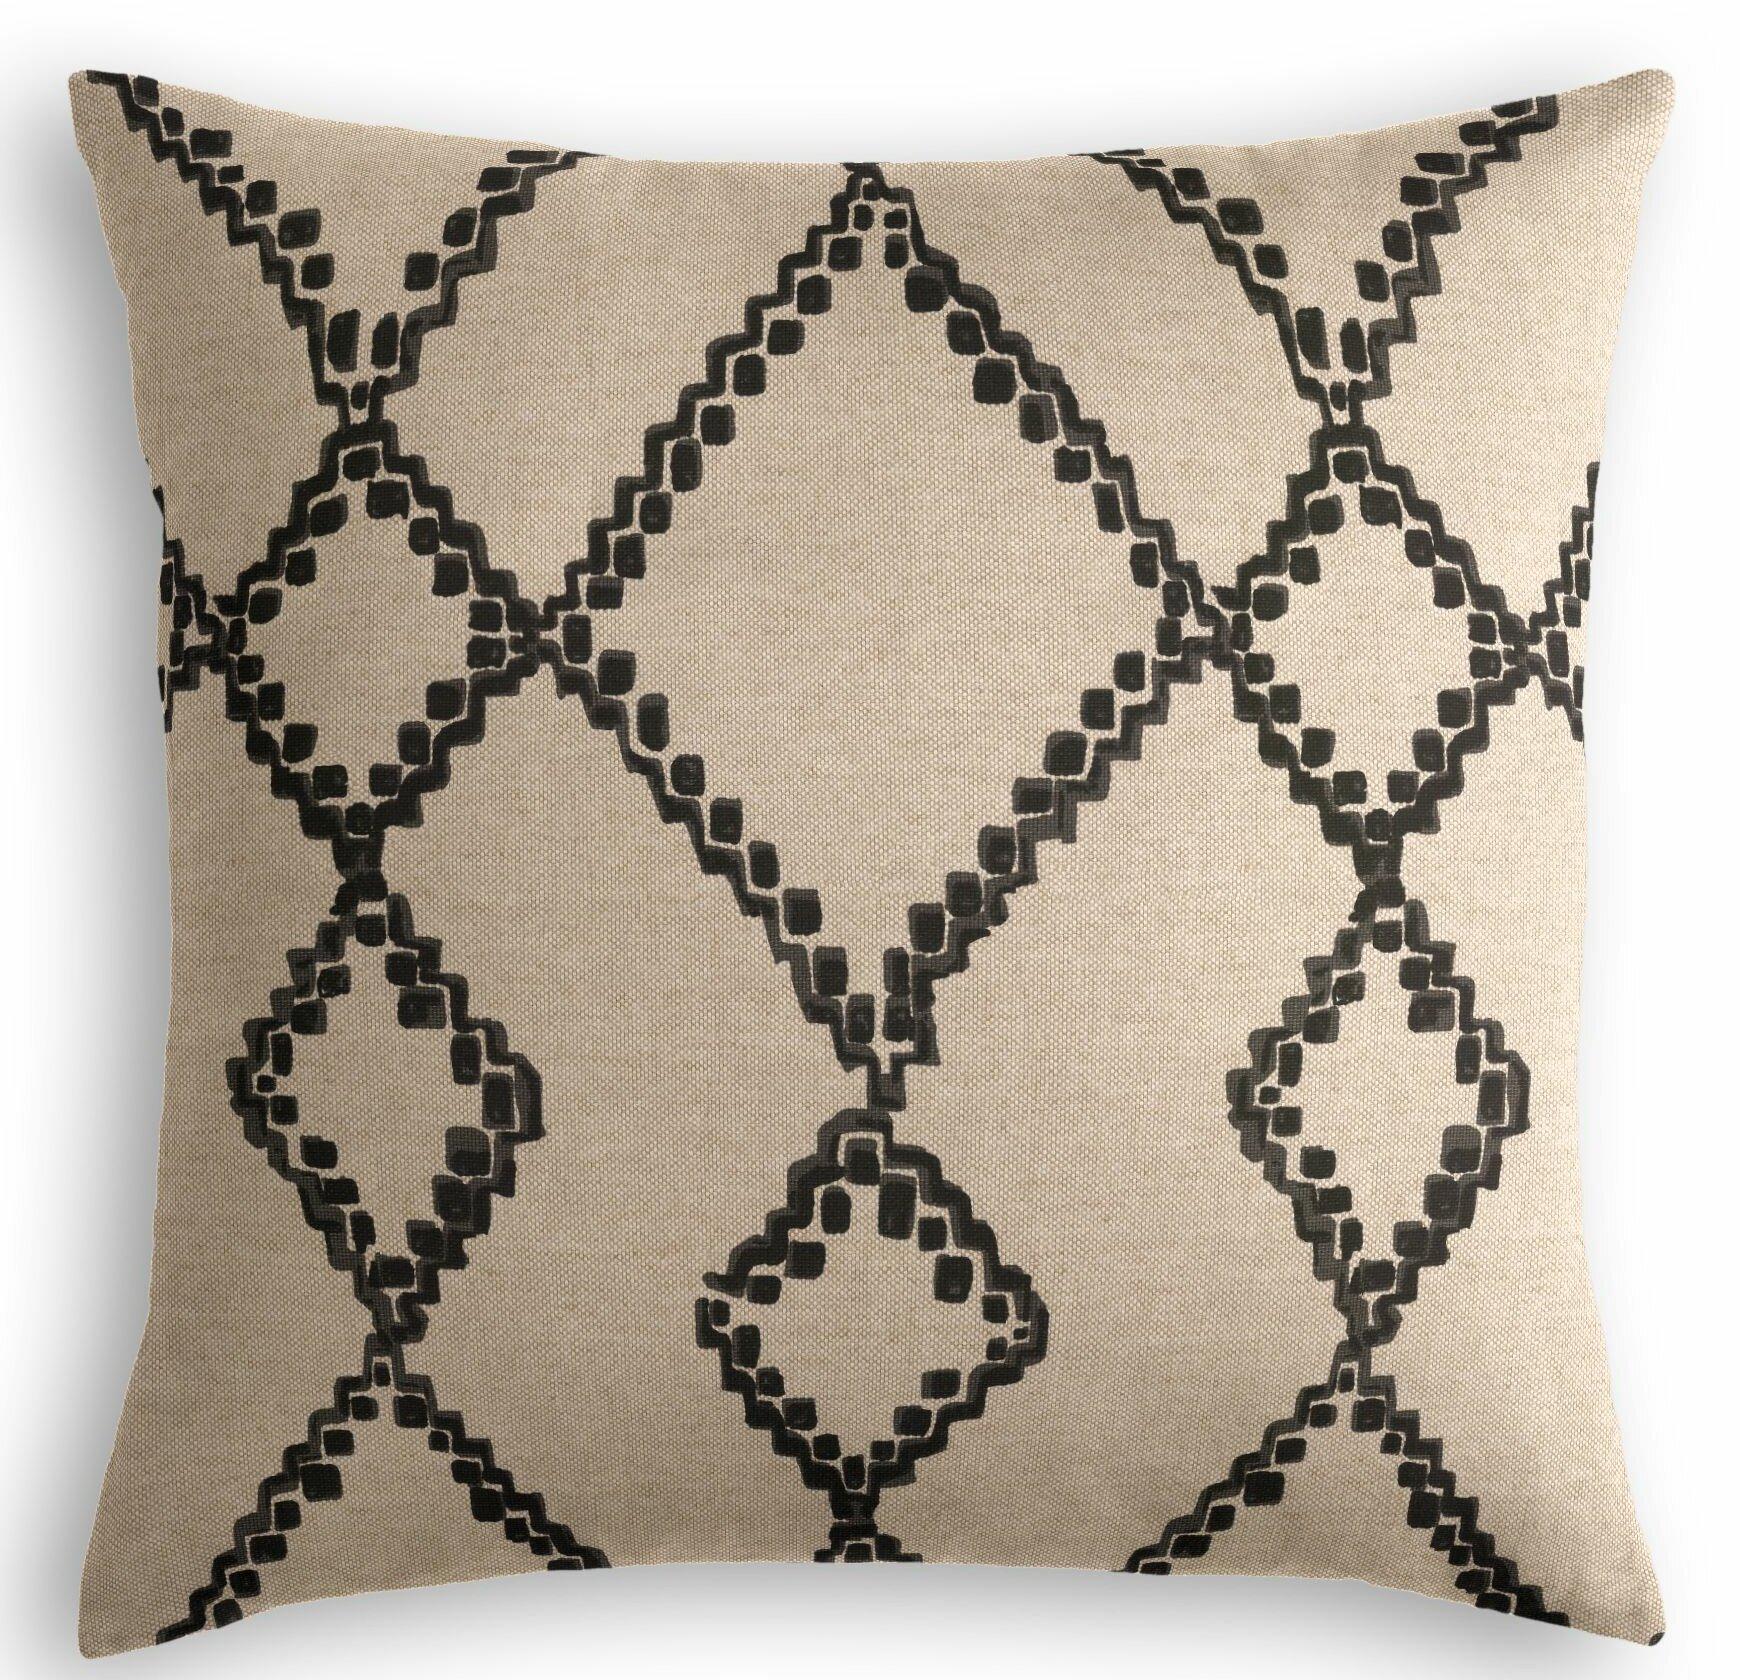 Loom Decor Square Pillow Cover Insert Perigold